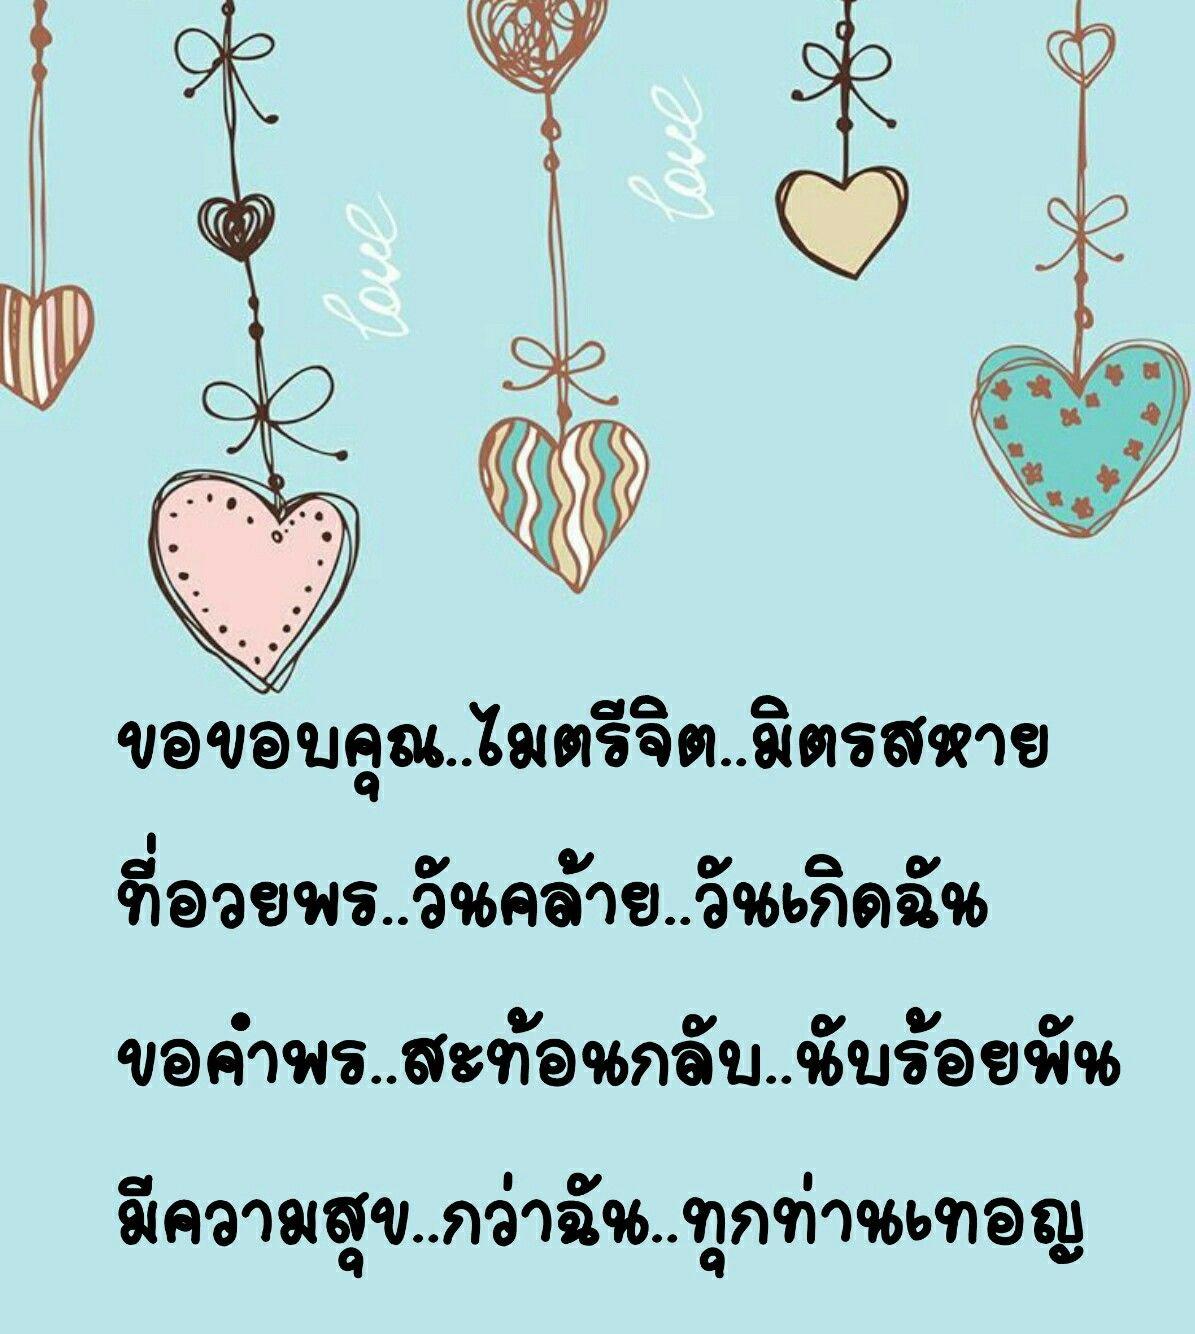 ป กพ นโดย Yoo Manyoo11 ใน Hbd อวยพรว นเก ด การ ดว นเก ด ว นเก ด